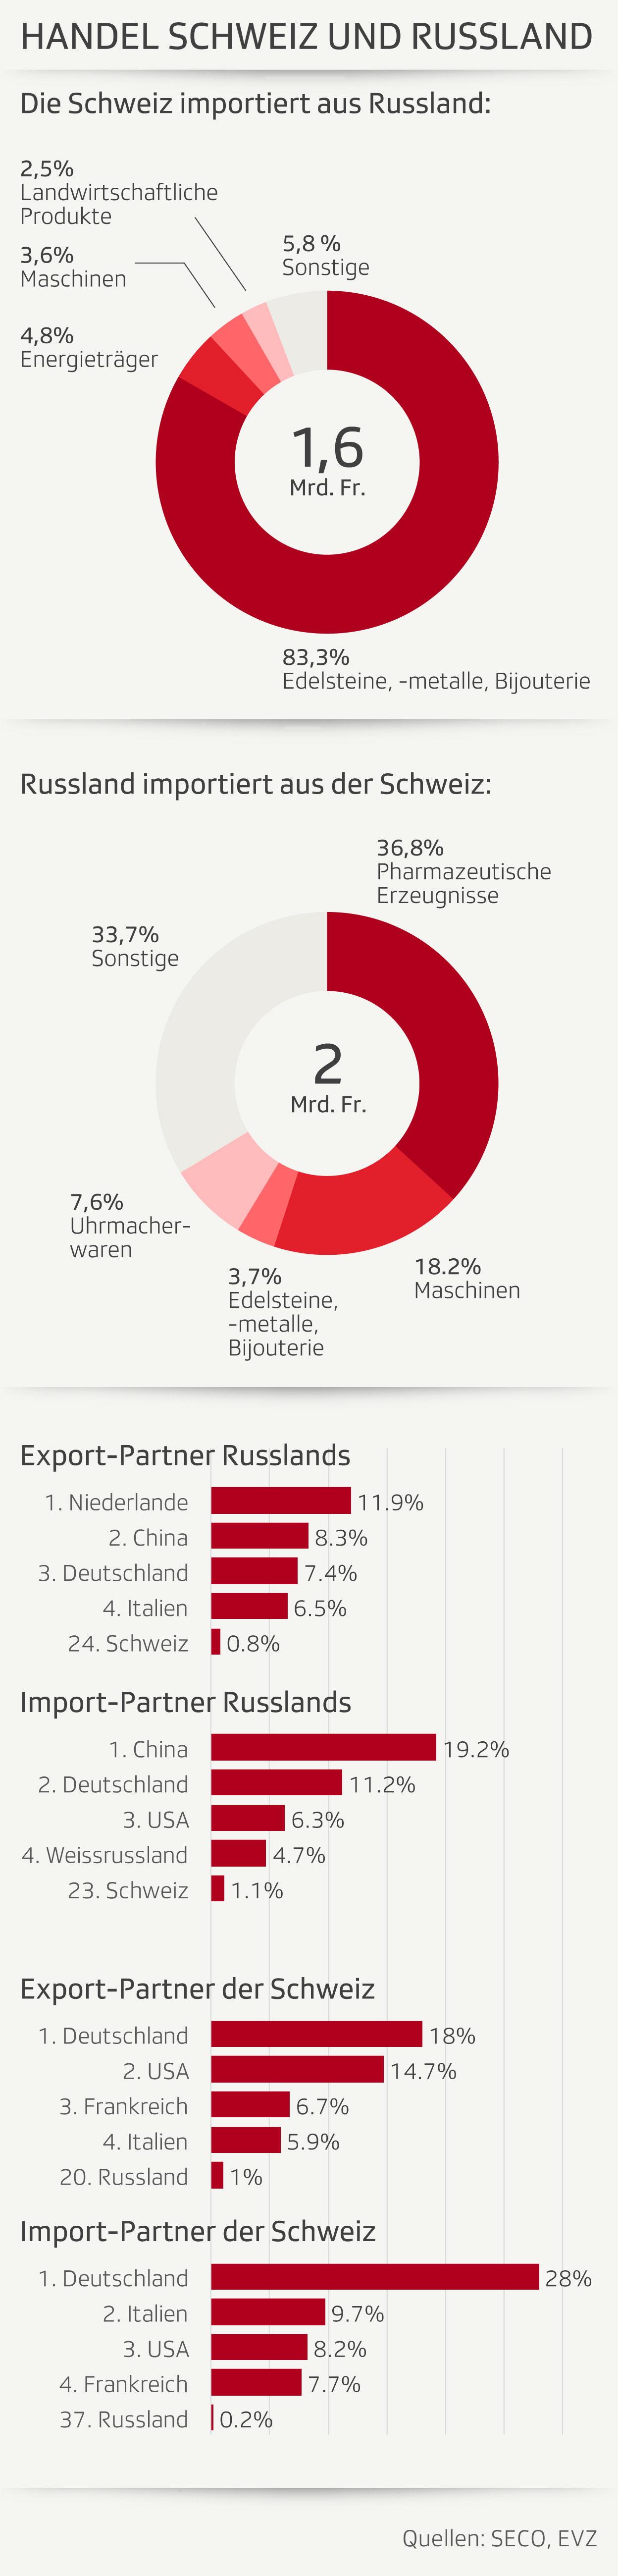 Handel Schweiz Russland